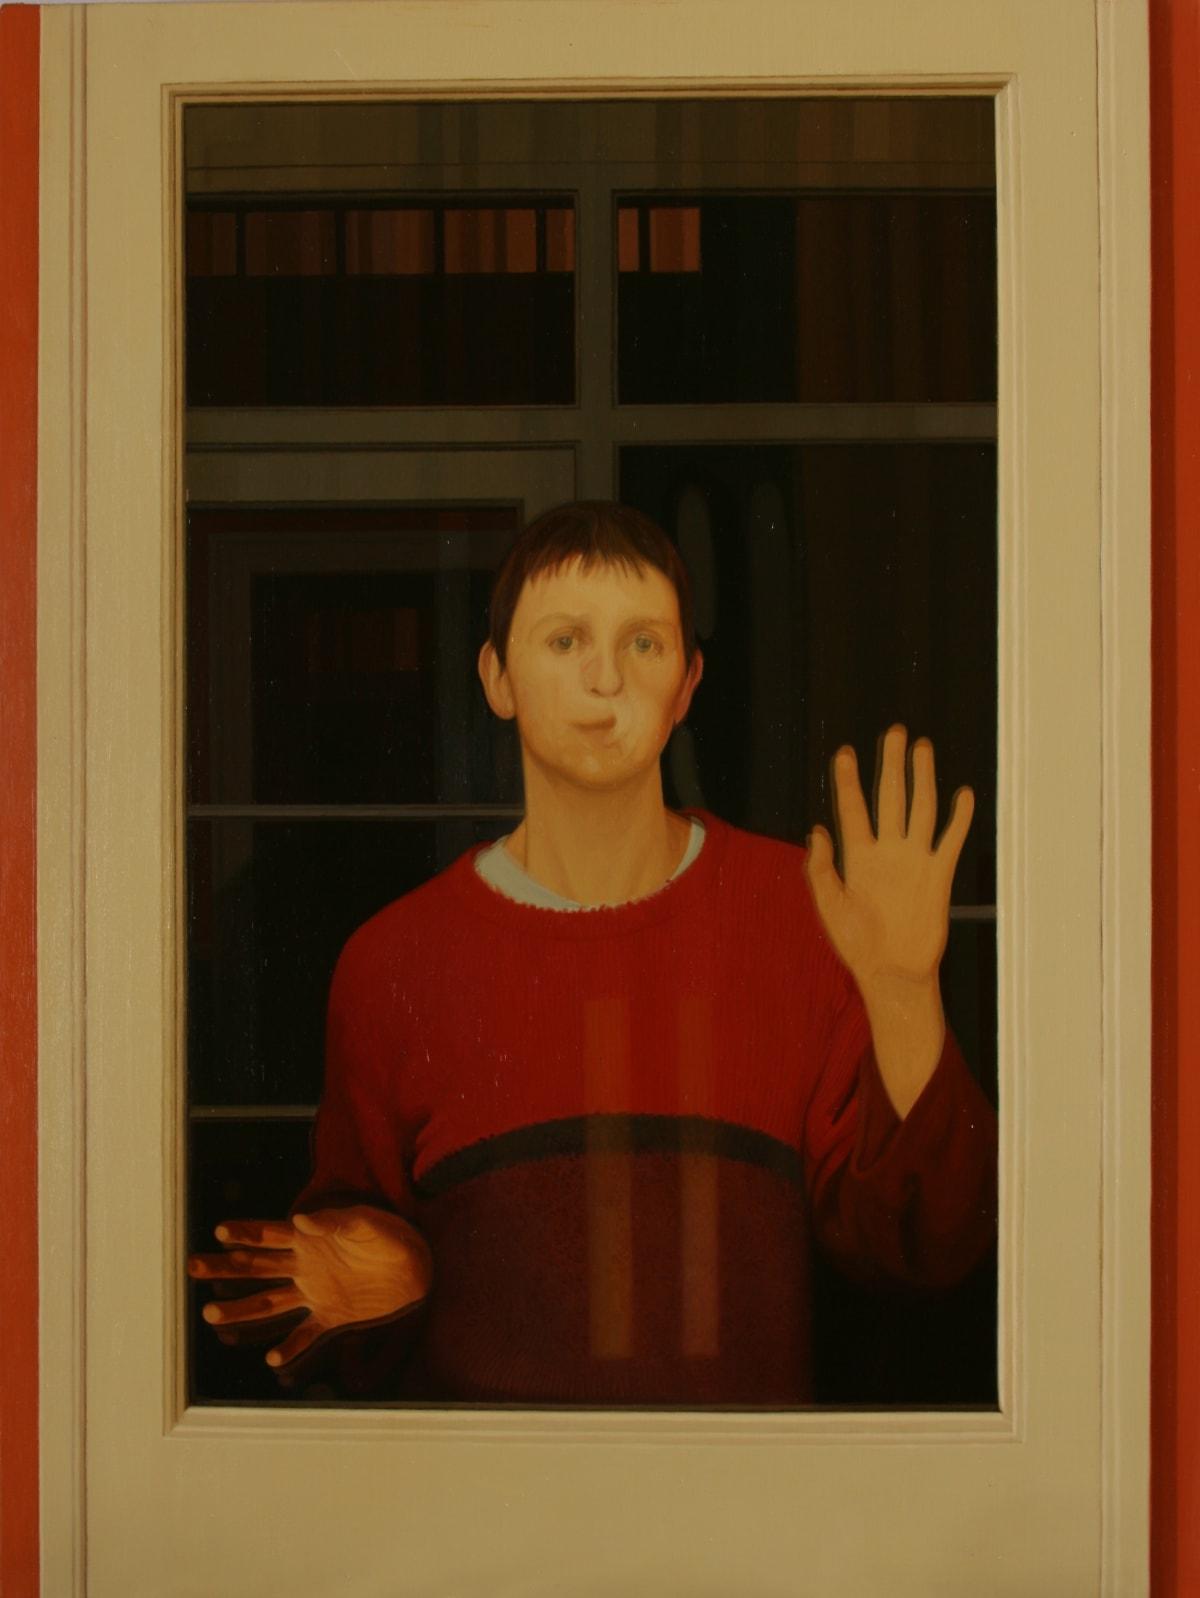 Philip Harris L.H. Behind a Glass Door oil on linen 40 x 30 cm